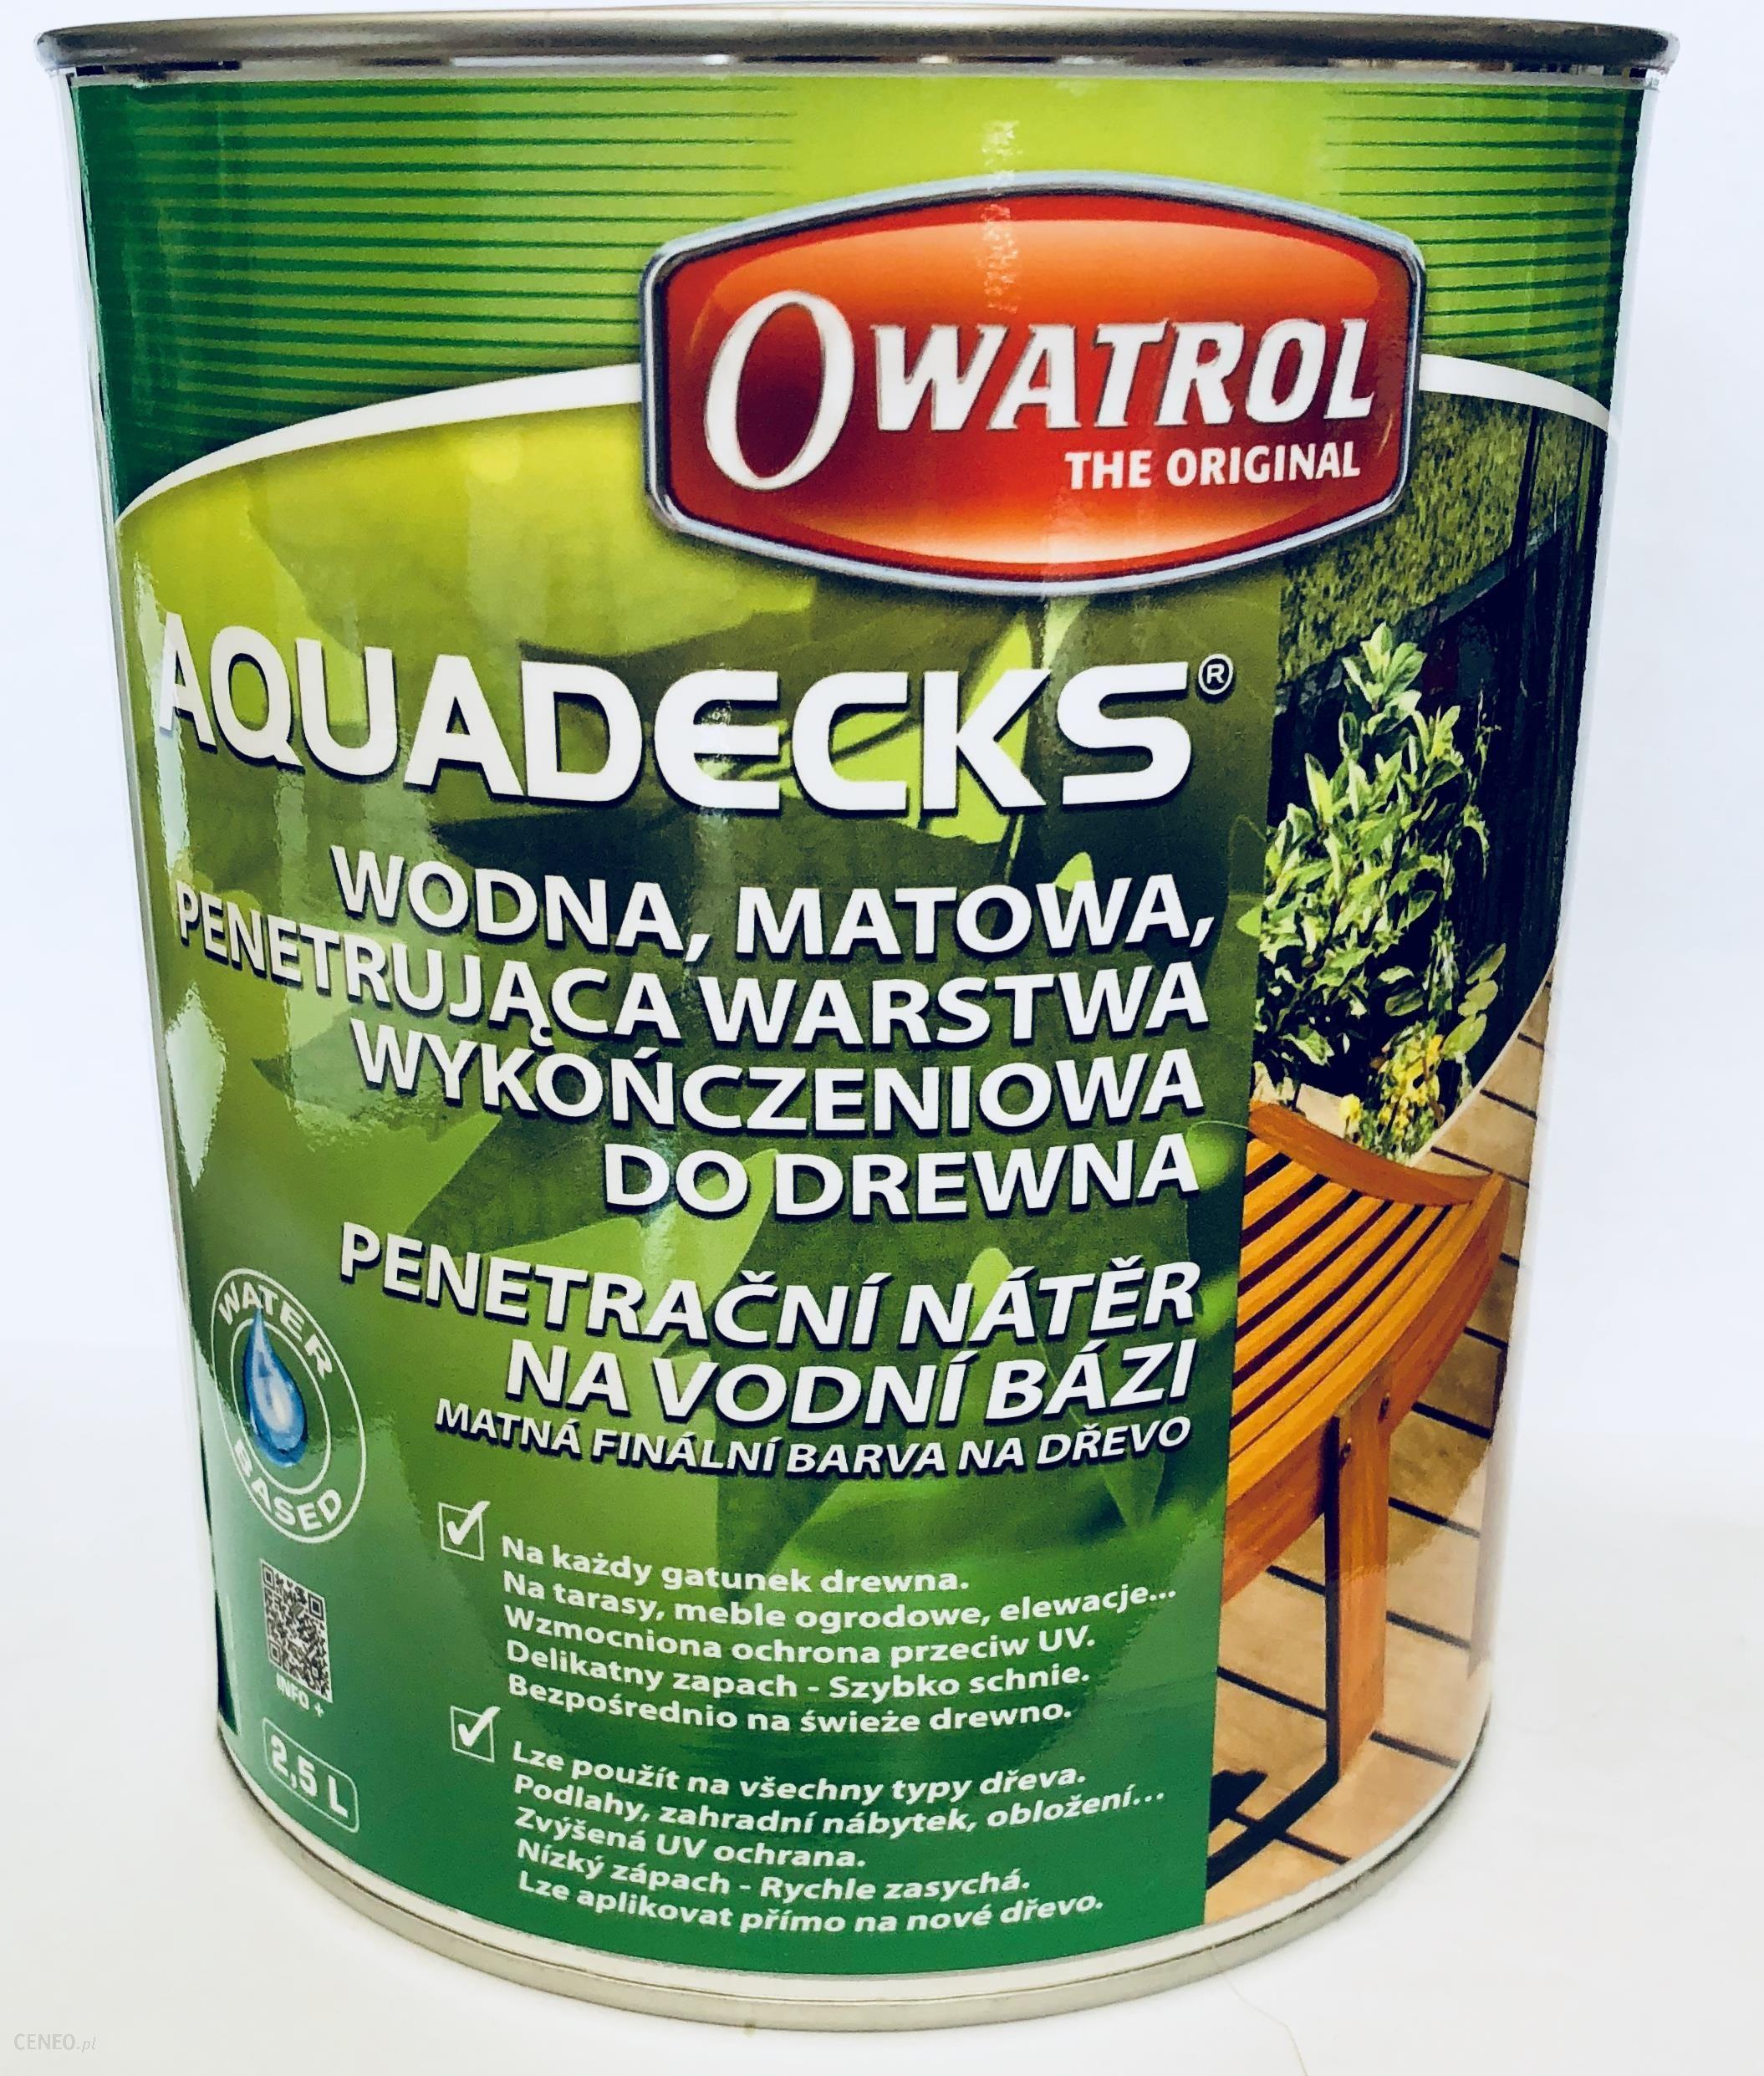 Deska Podłogowa Owatrol Aquadecks Olej Do Deski Tarasowej 5l